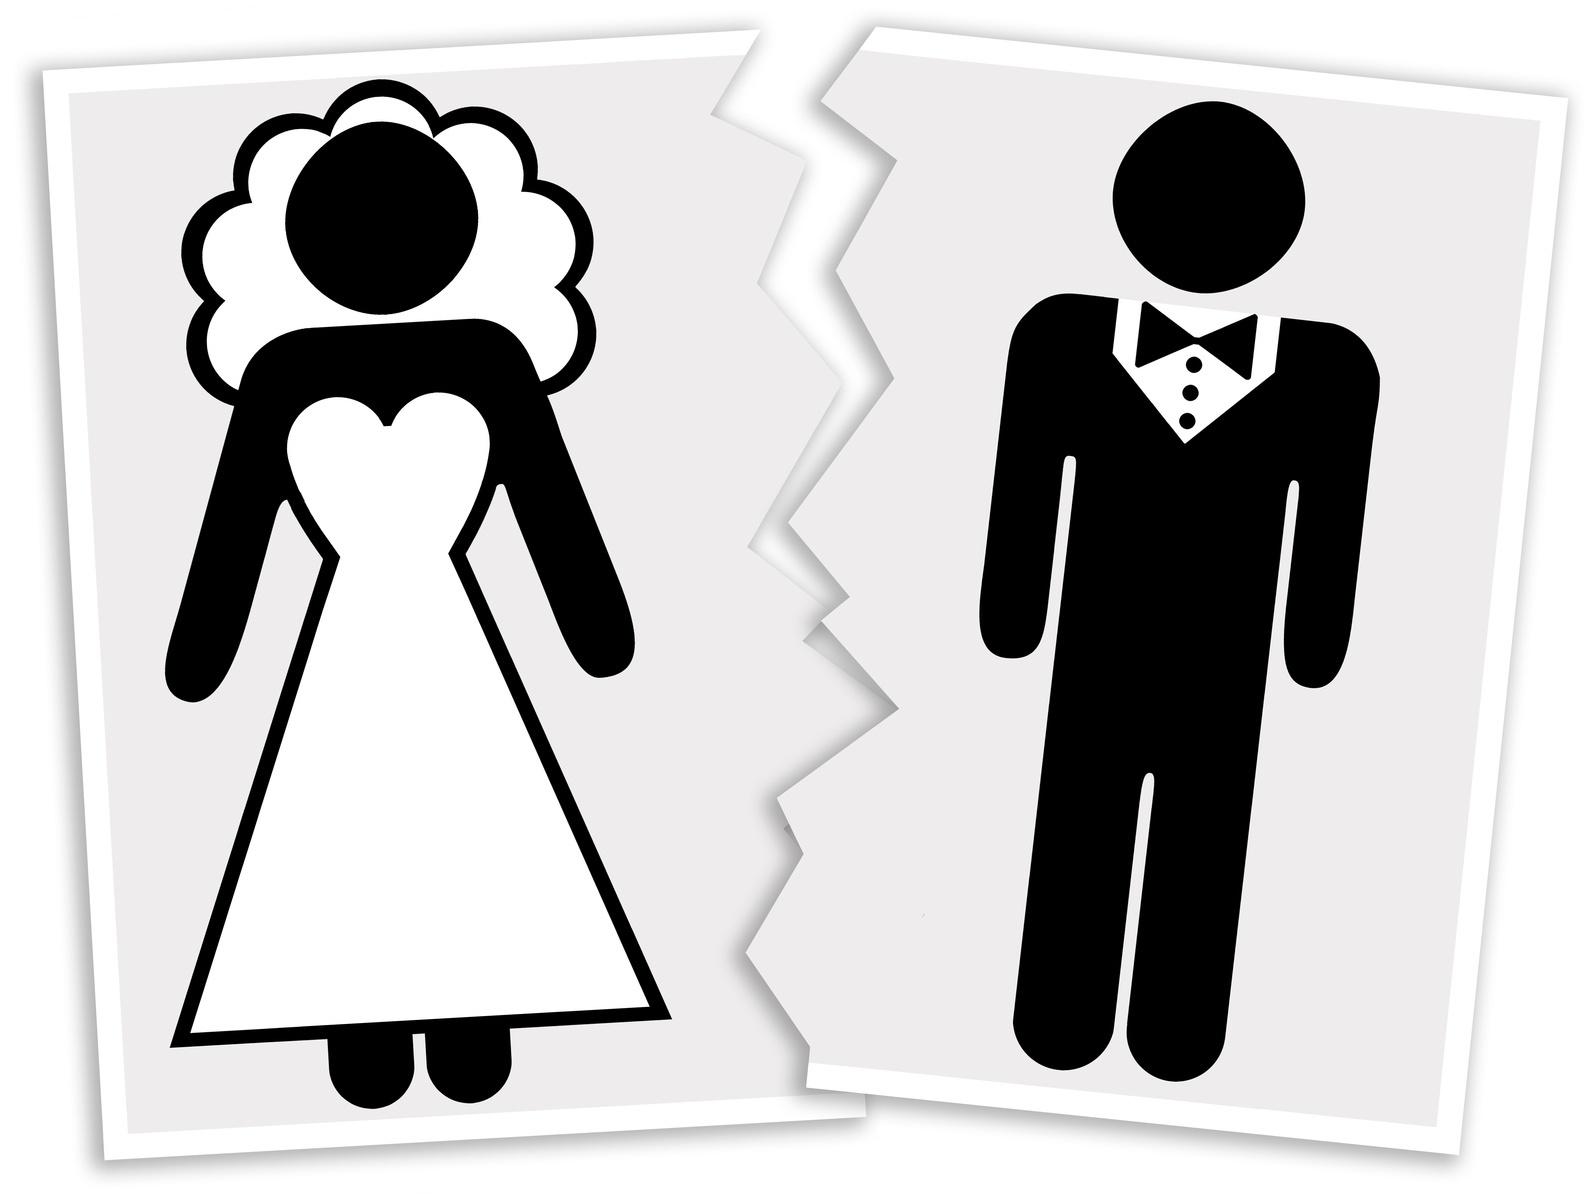 Các trường hợp nam nữ không đăng ký kết hôn những vẫn được pháp luật công nhận là vợ chồng.jpg